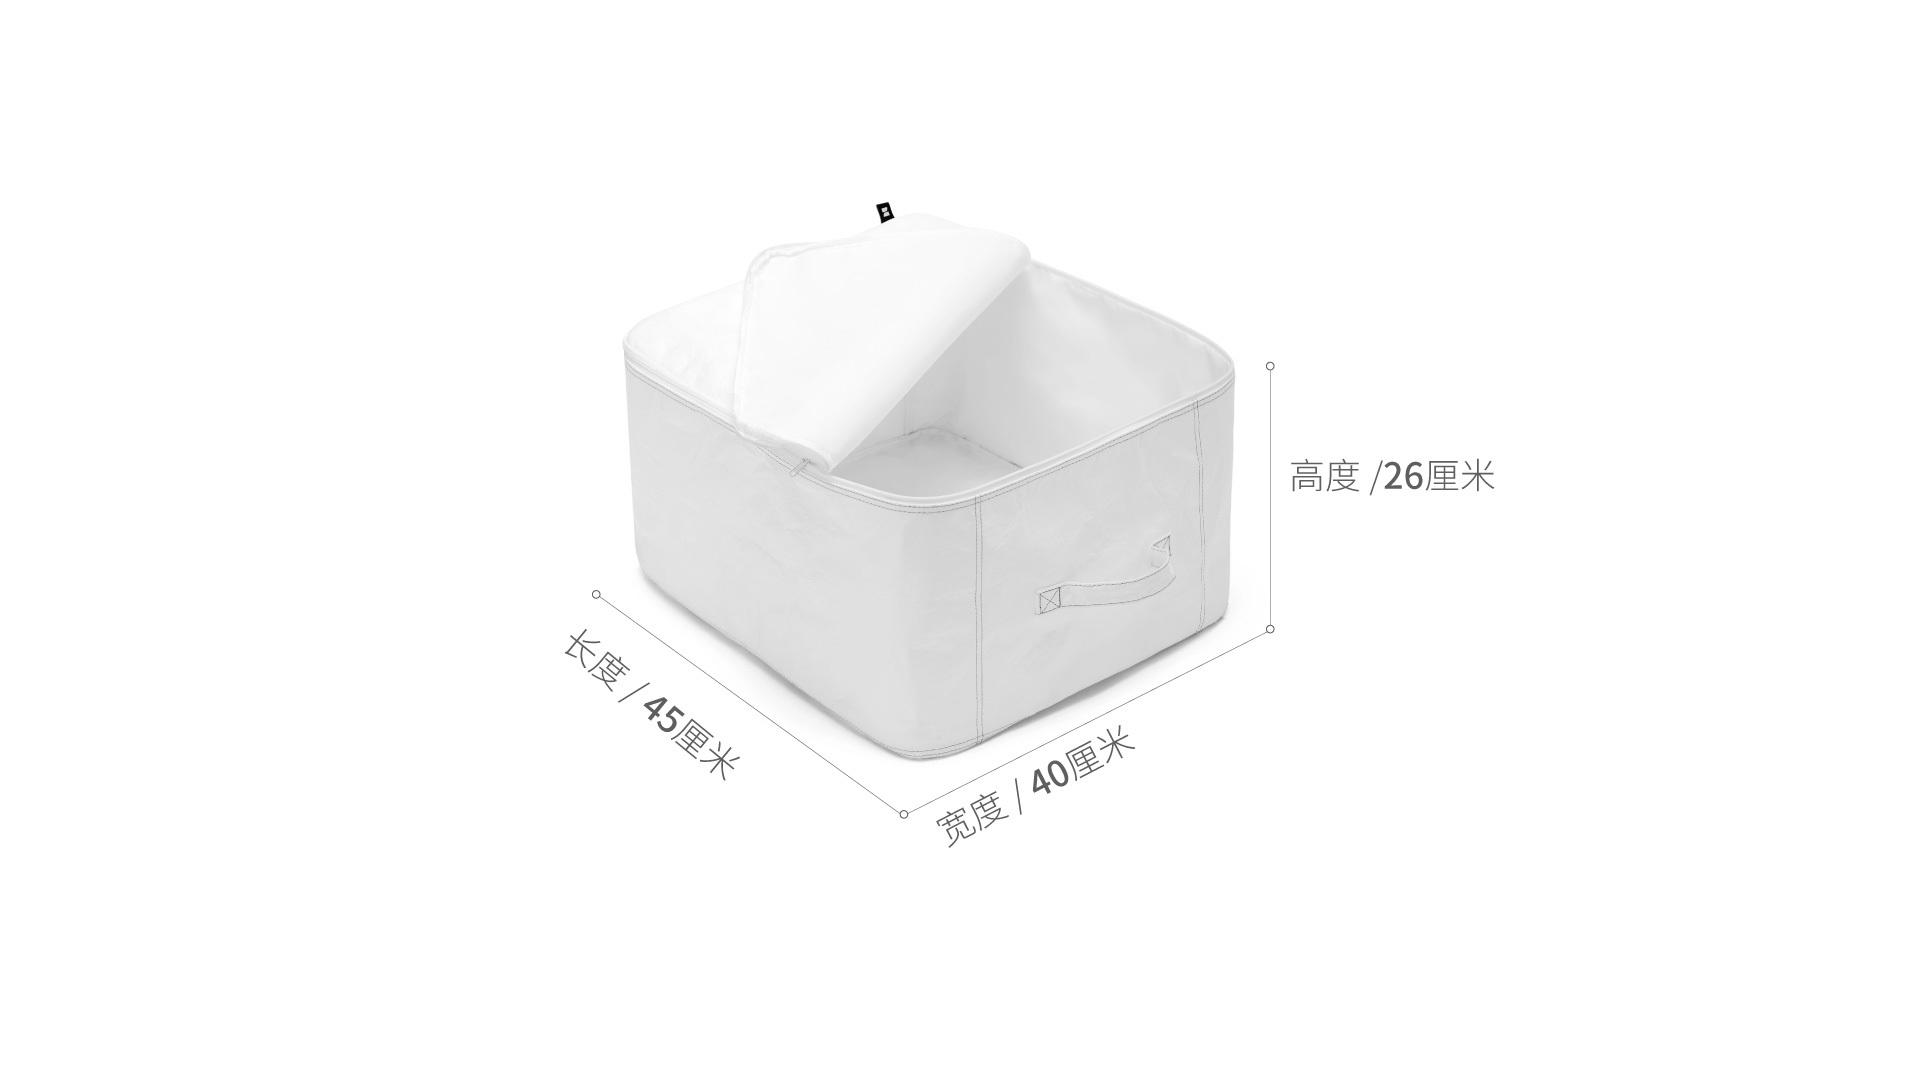 吐司防水收纳软箱中款装饰效果图